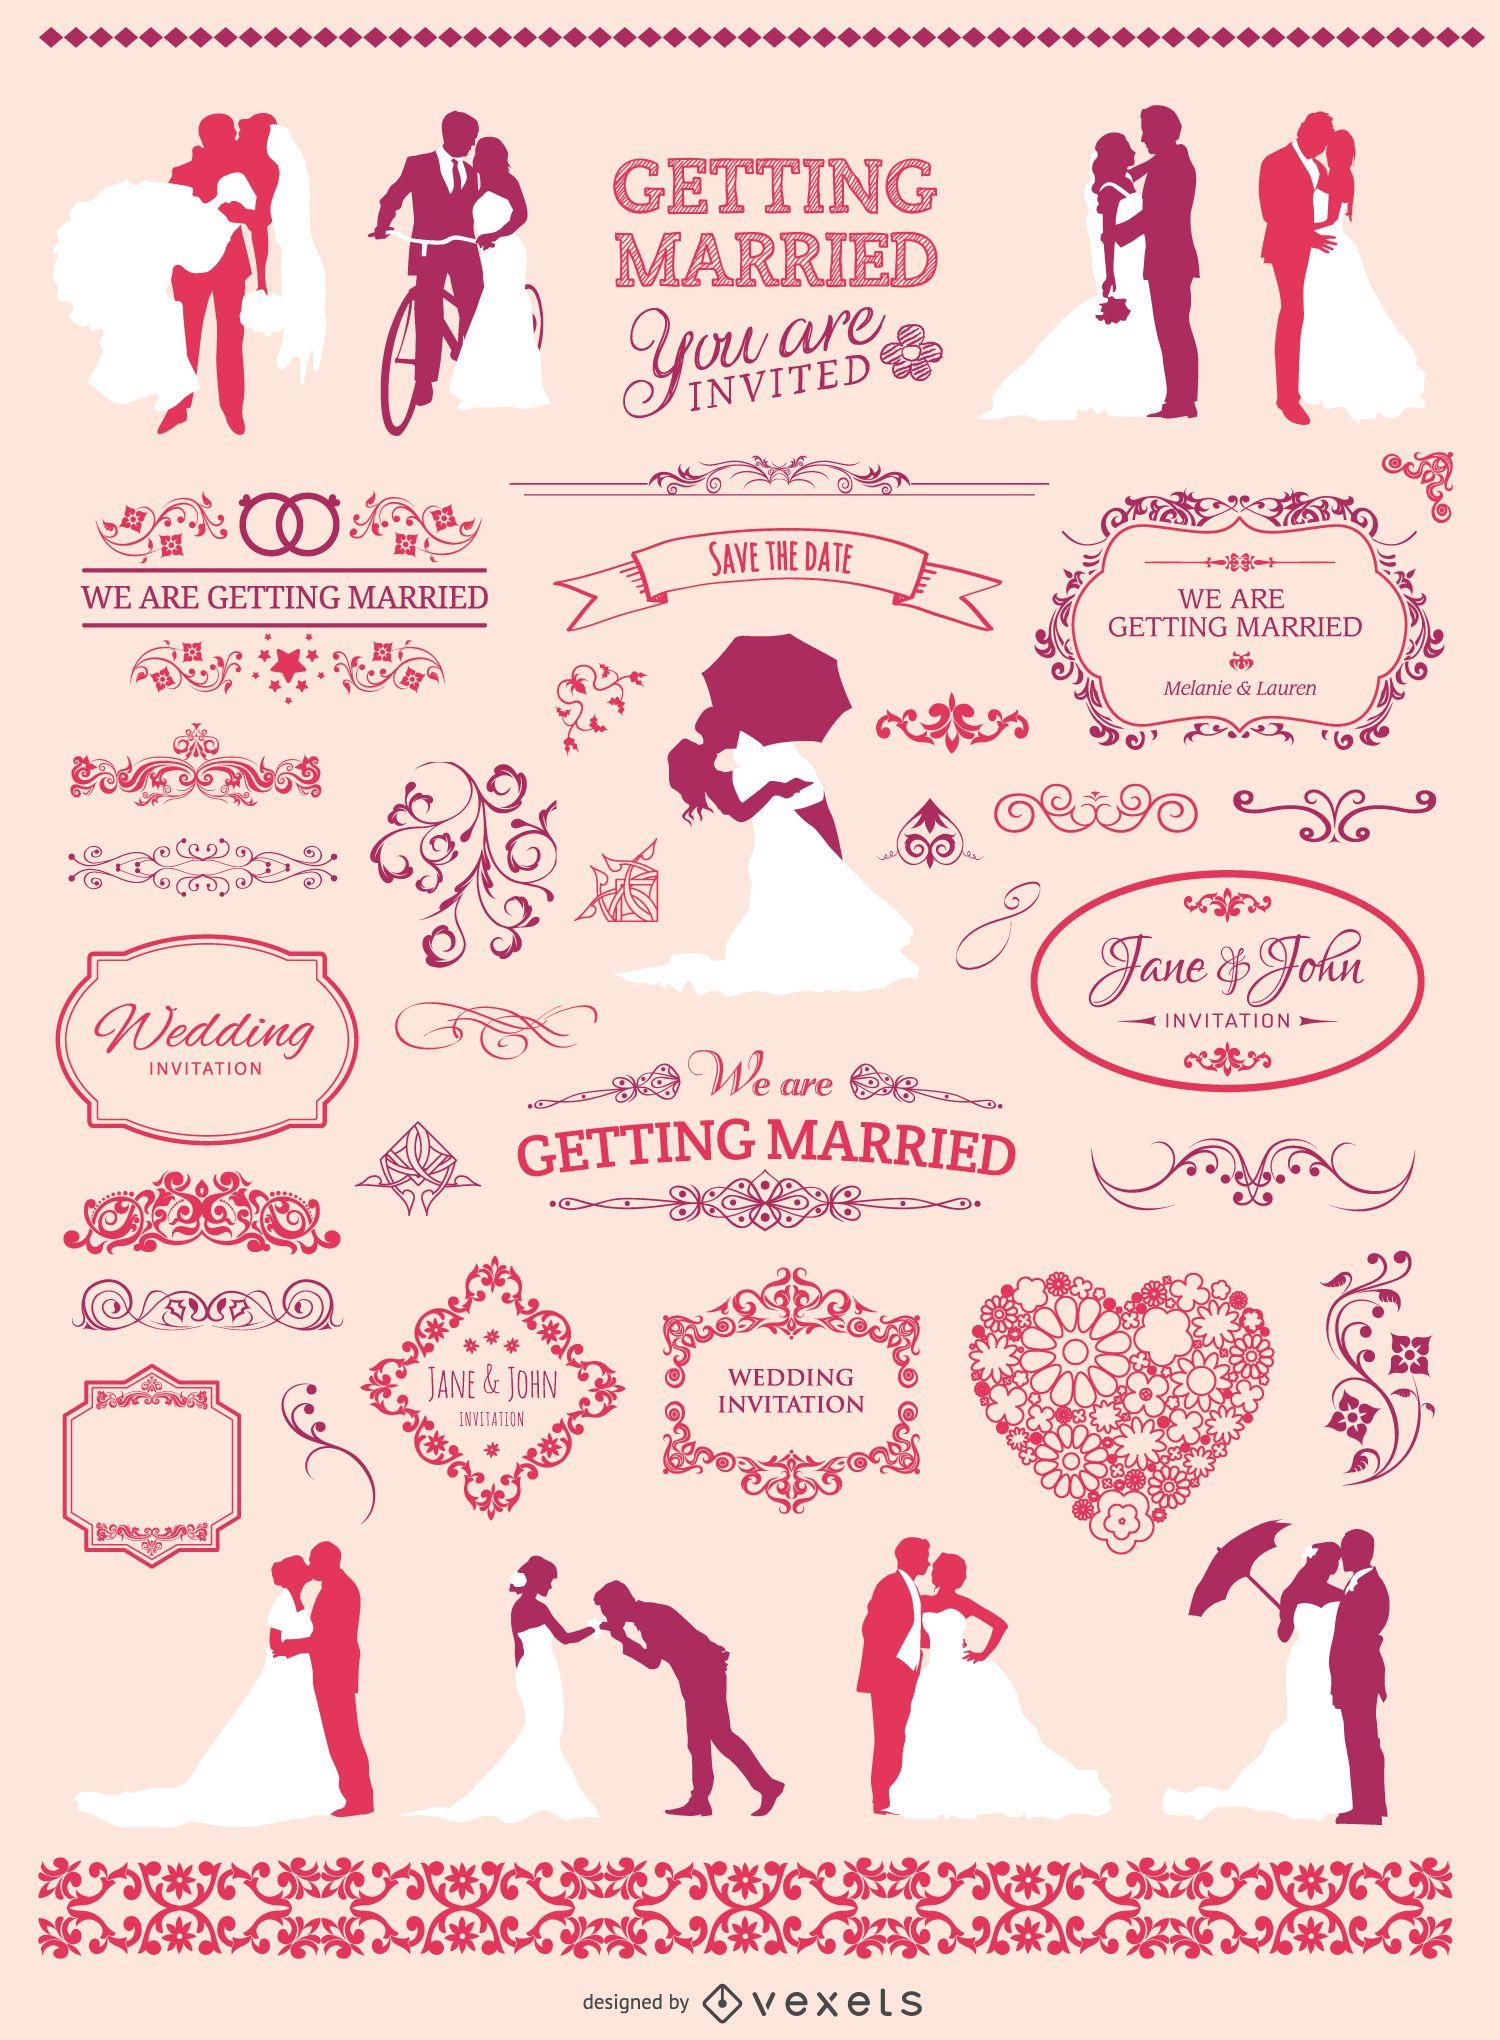 Conjunto de elementos gr?ficos de boda